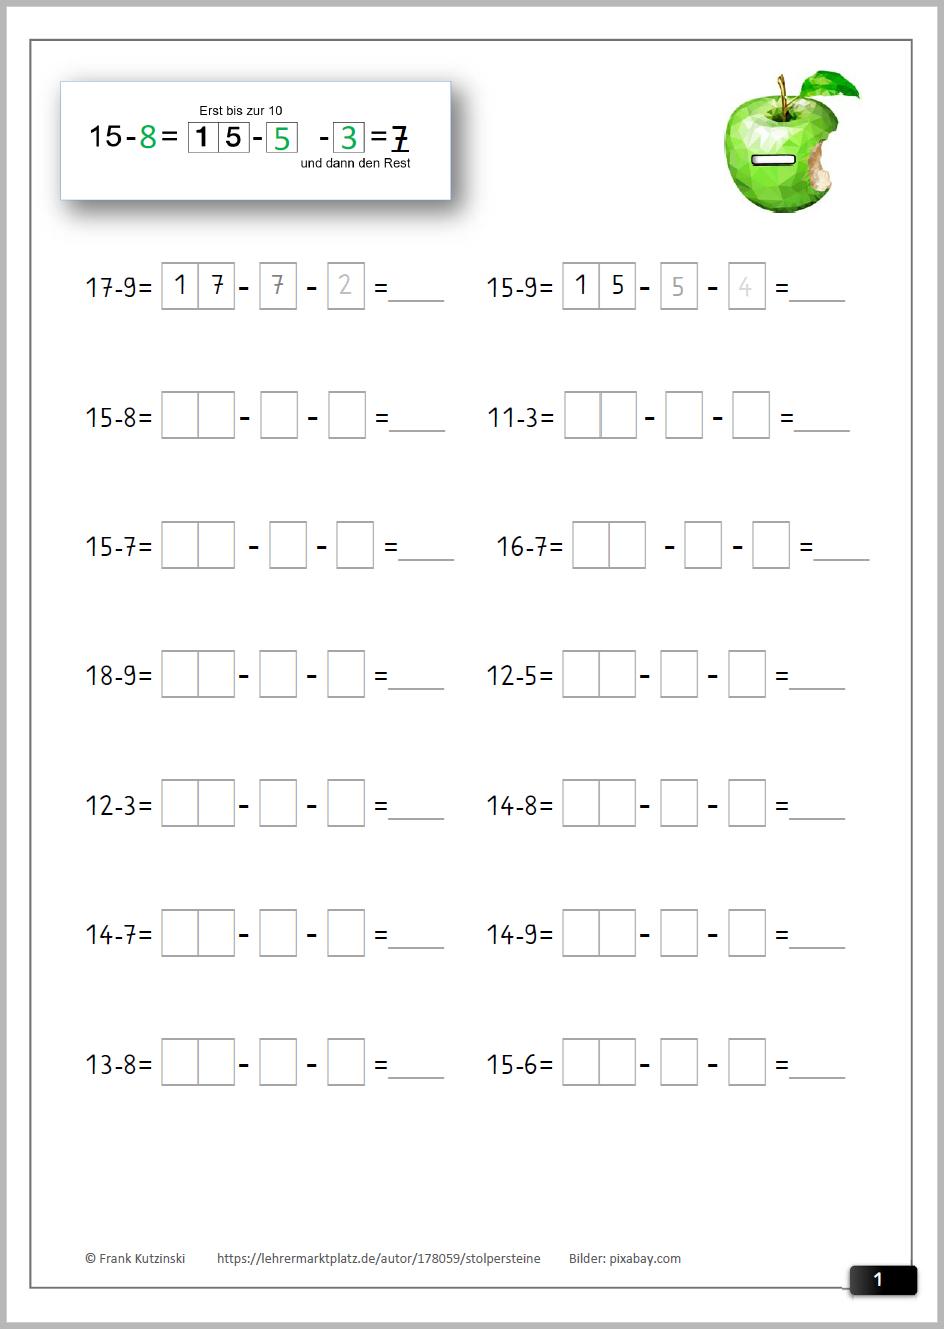 Schrittweise Zehnerunterschreitung (40 Arbeitsblätter für Mathematik 1 Klasse Hauptschule Arbeitsblätter